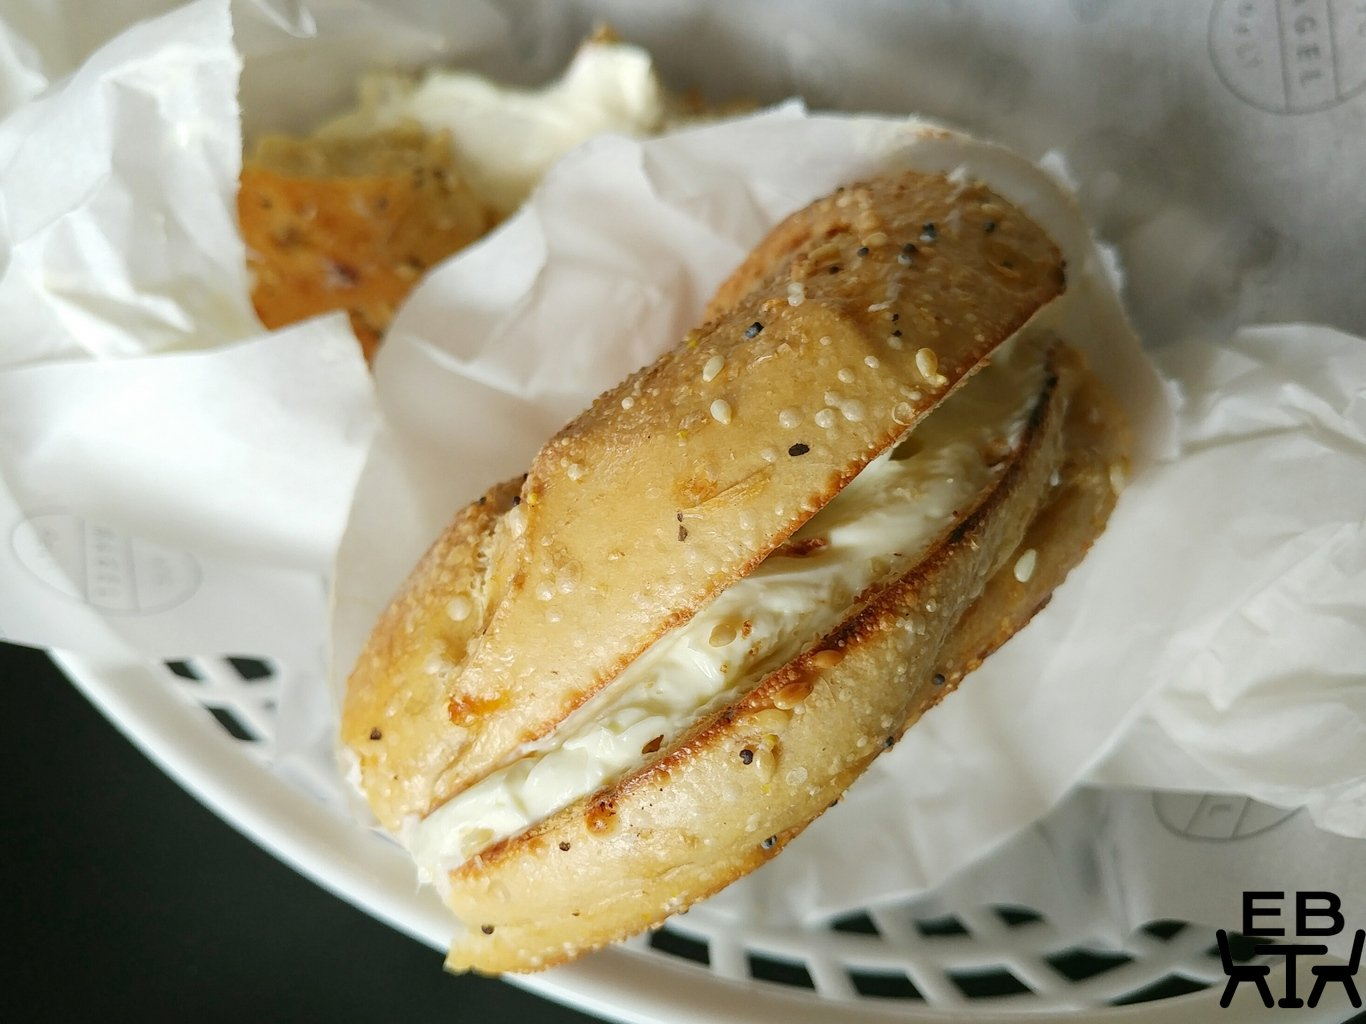 nyc deli bagel bagel